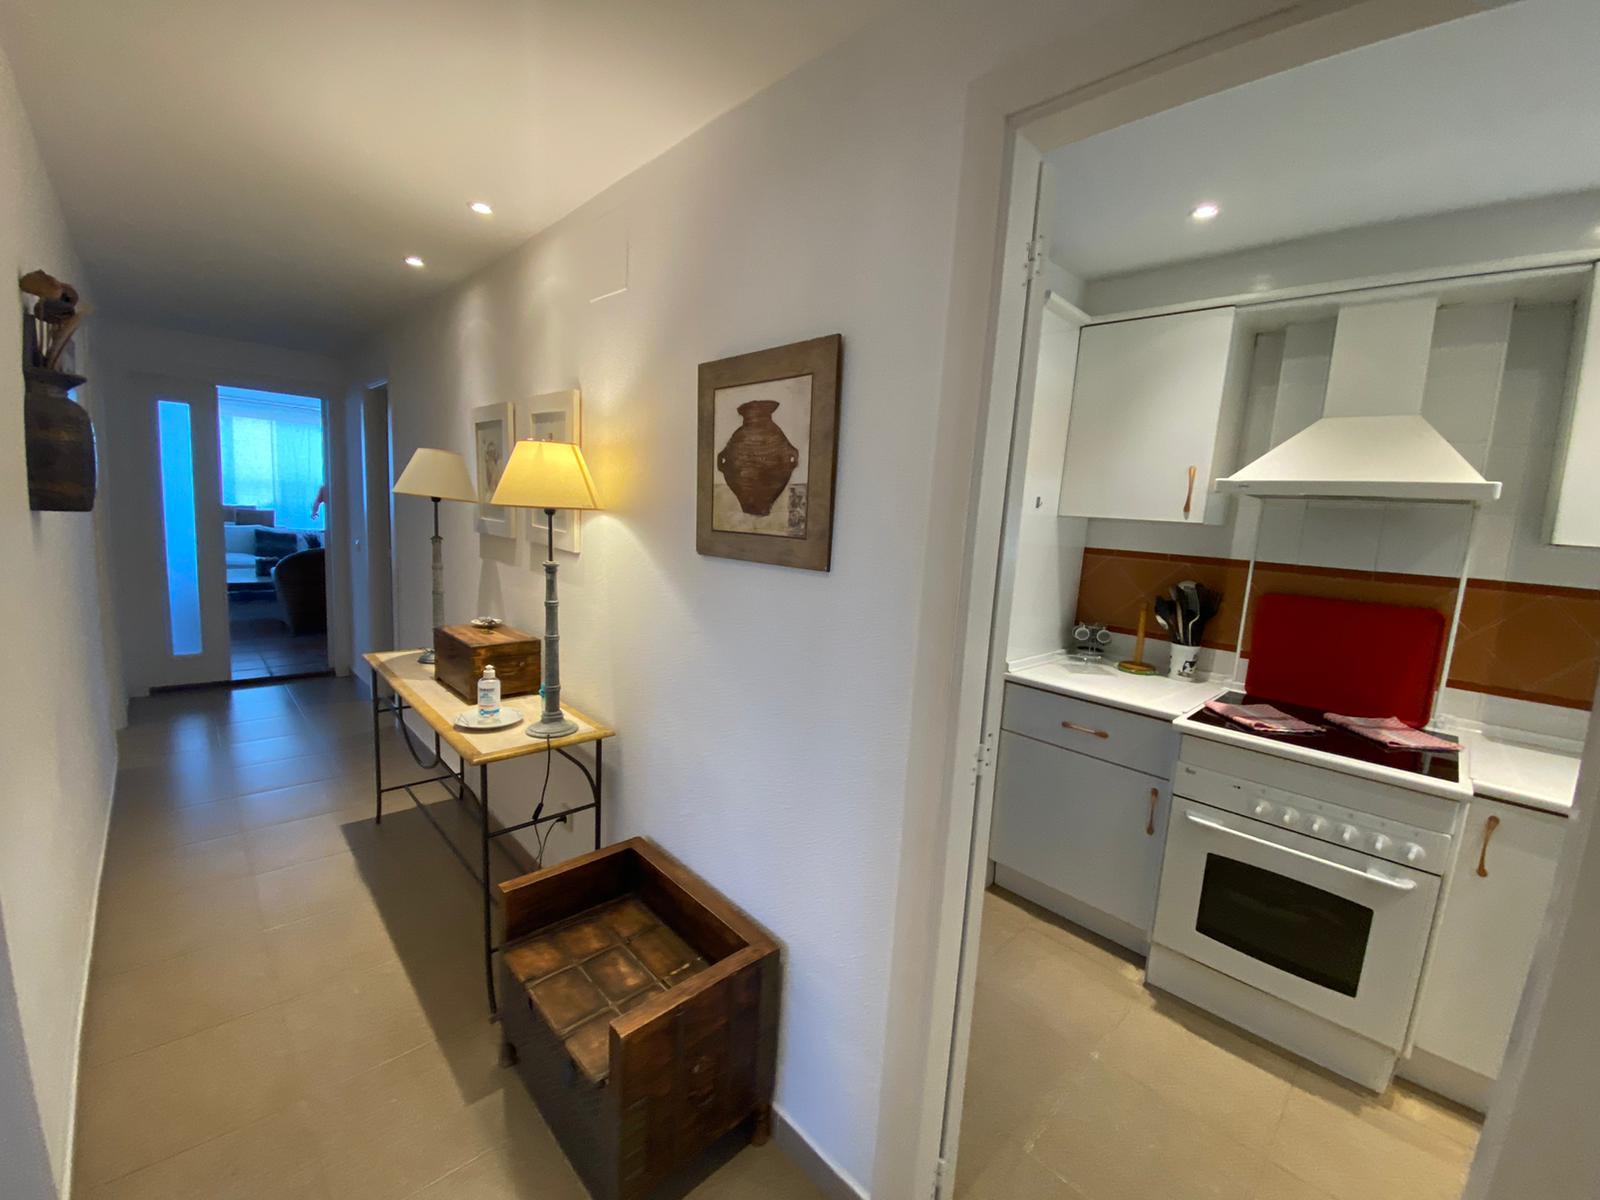 Imagen 4 del Apartamento Turístico, Ático 4 Levante, Frontal (4d+2b), Punta del Moral (HUELVA), Paseo de la Cruz nº22